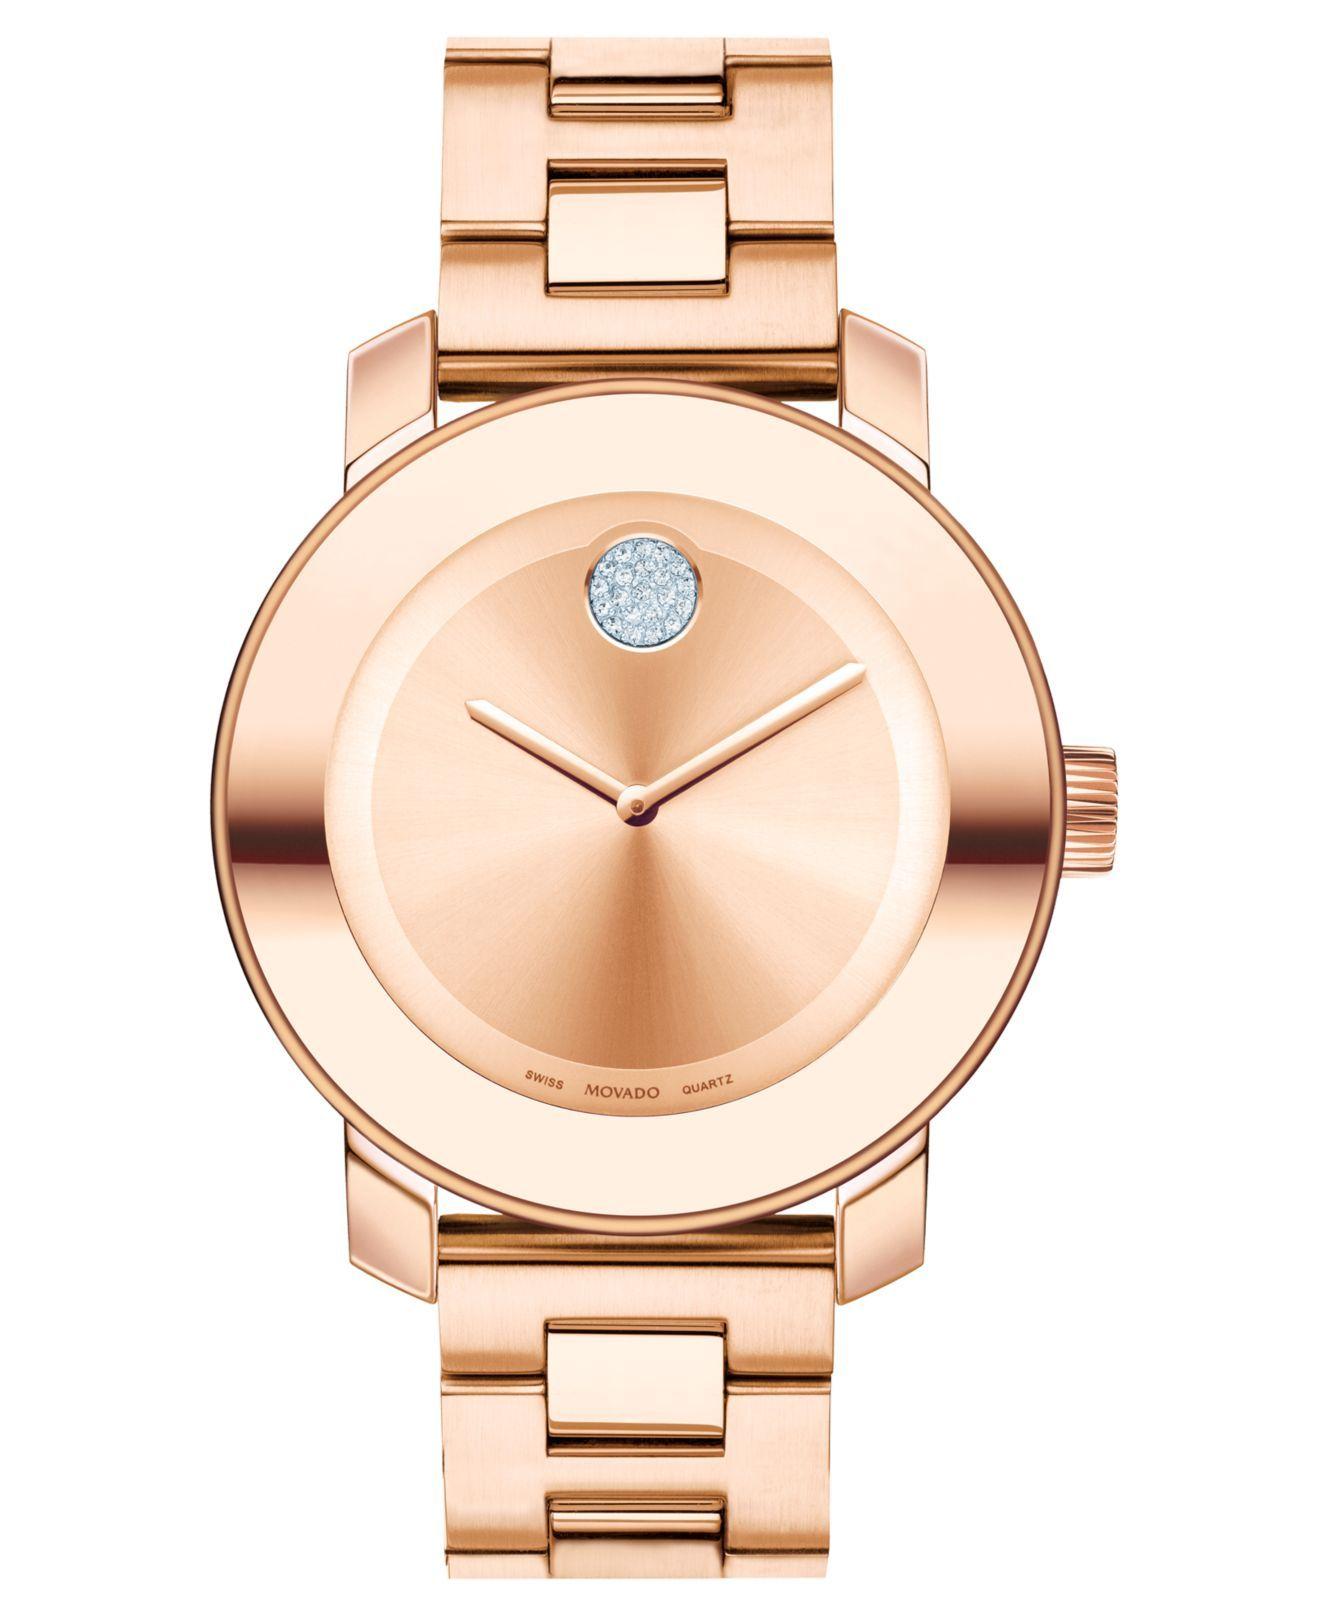 e8d776f9d47 Movado Watch